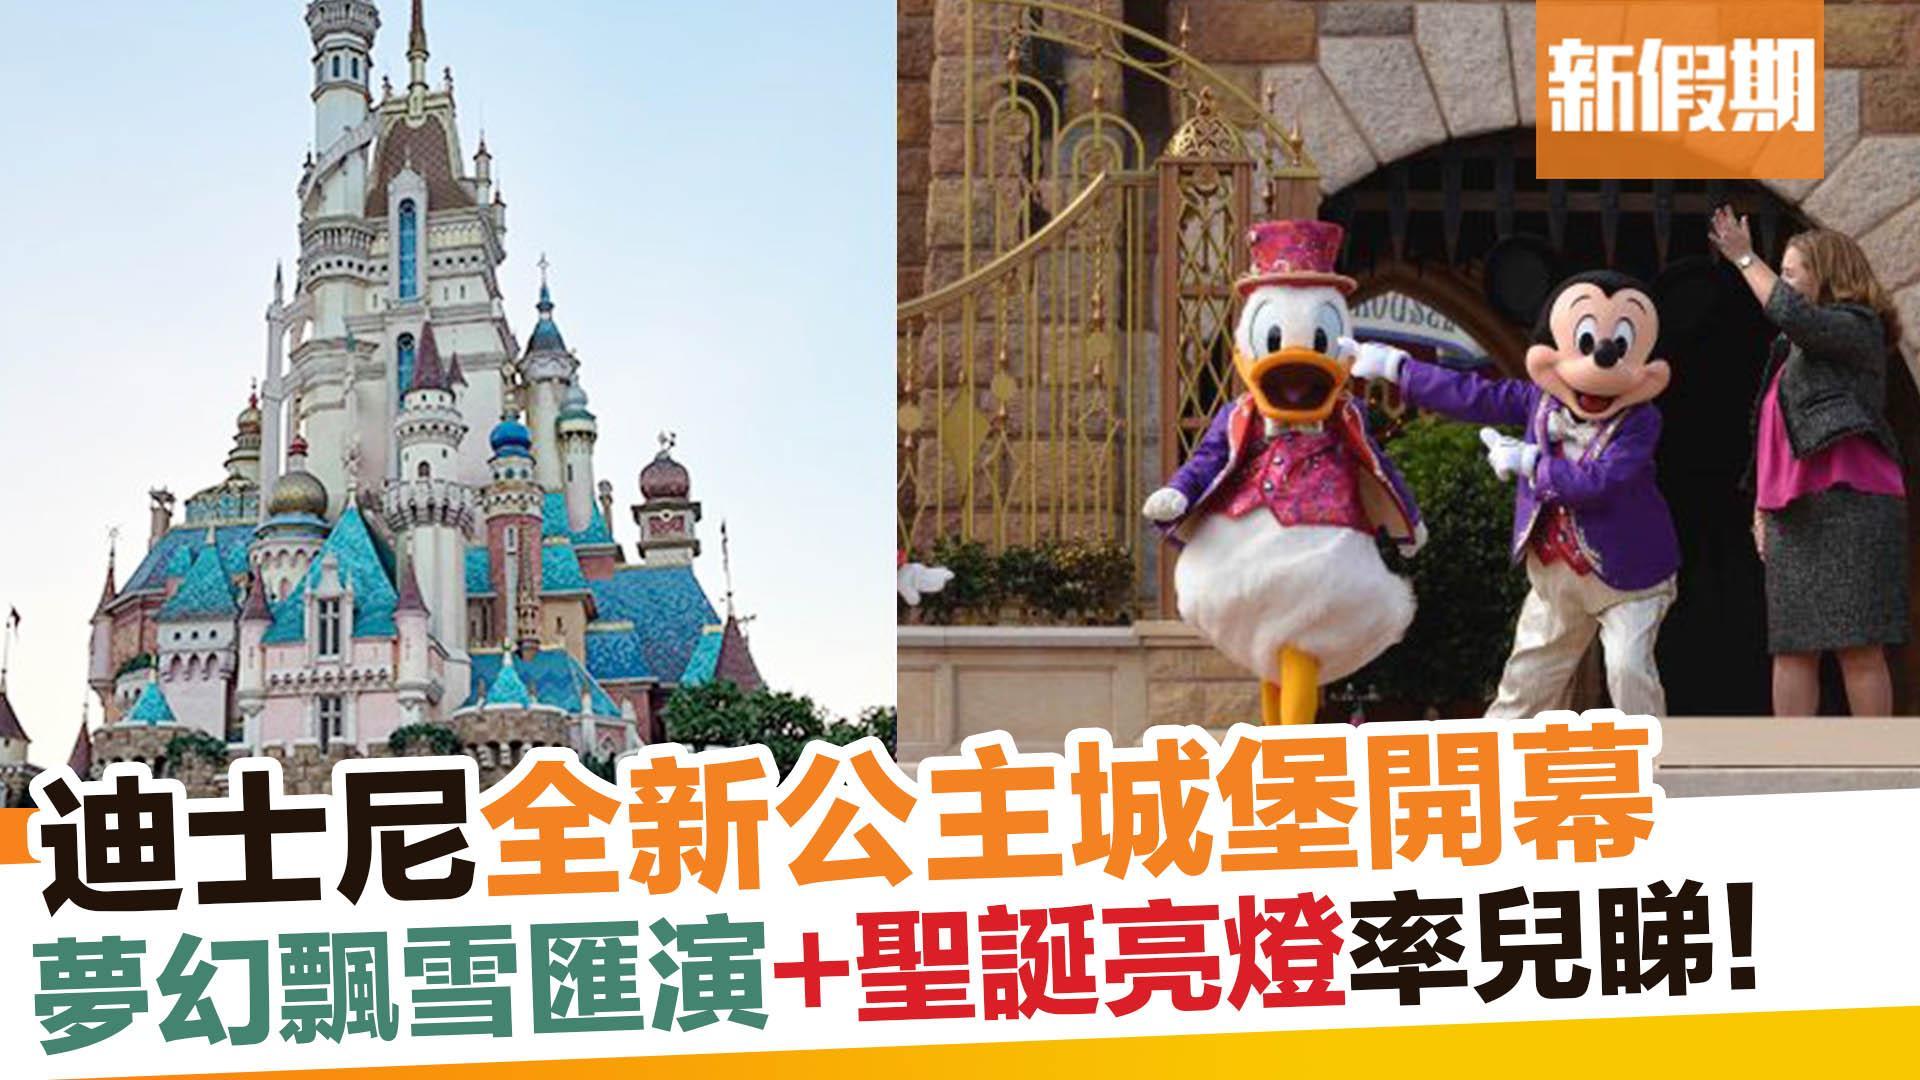 【香港好去處】香港迪士尼新城堡開幕啦! 新假期